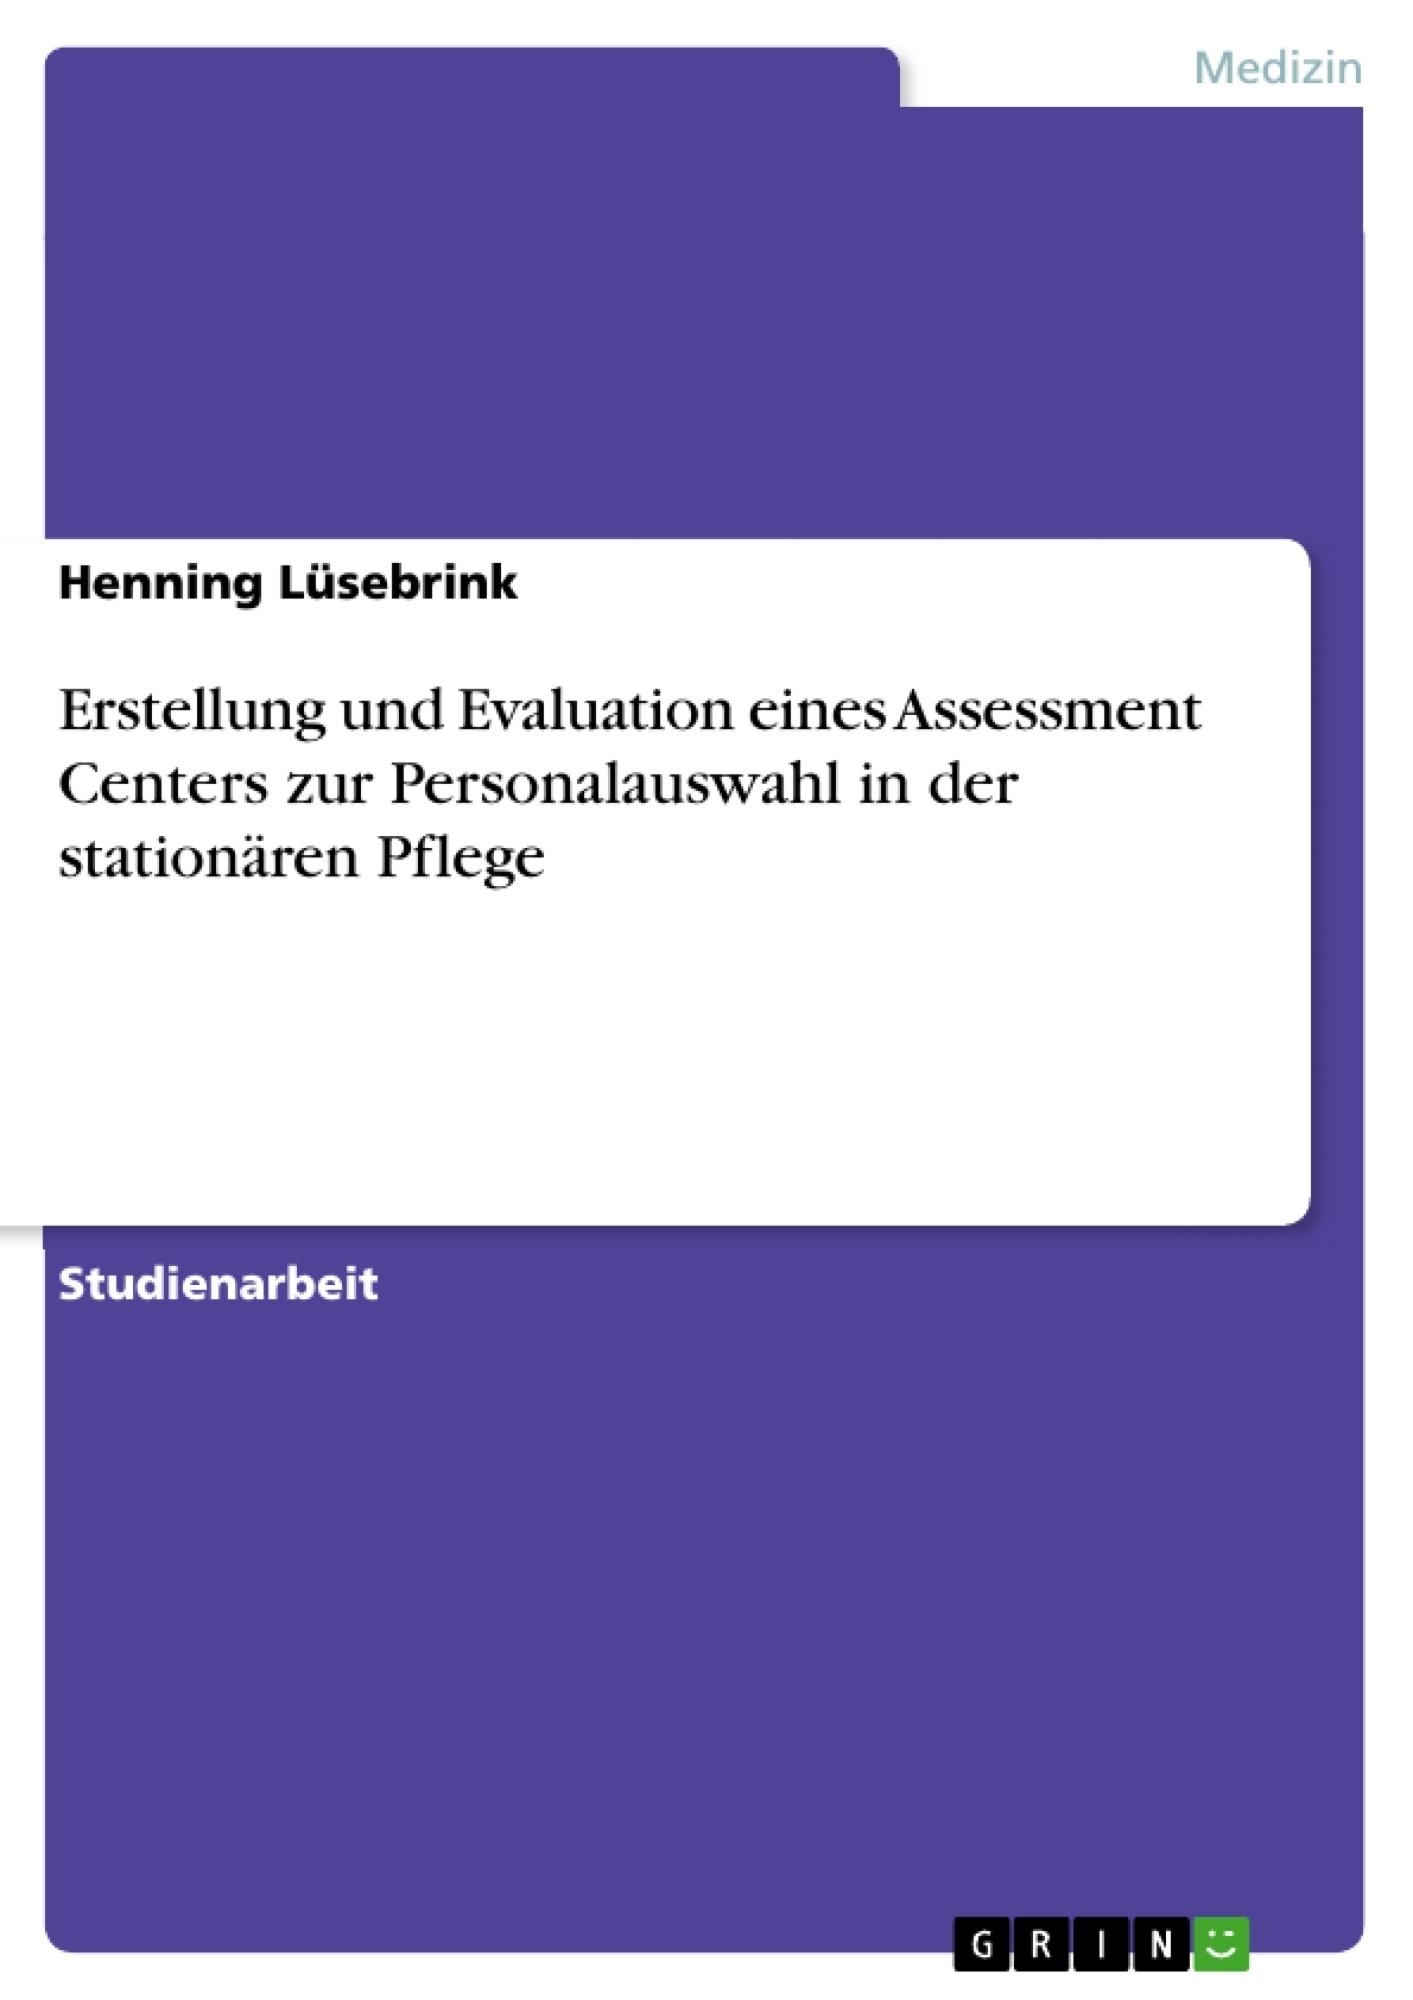 Titel: Erstellung und Evaluation eines Assessment Centers zur Personalauswahl in der stationären Pflege